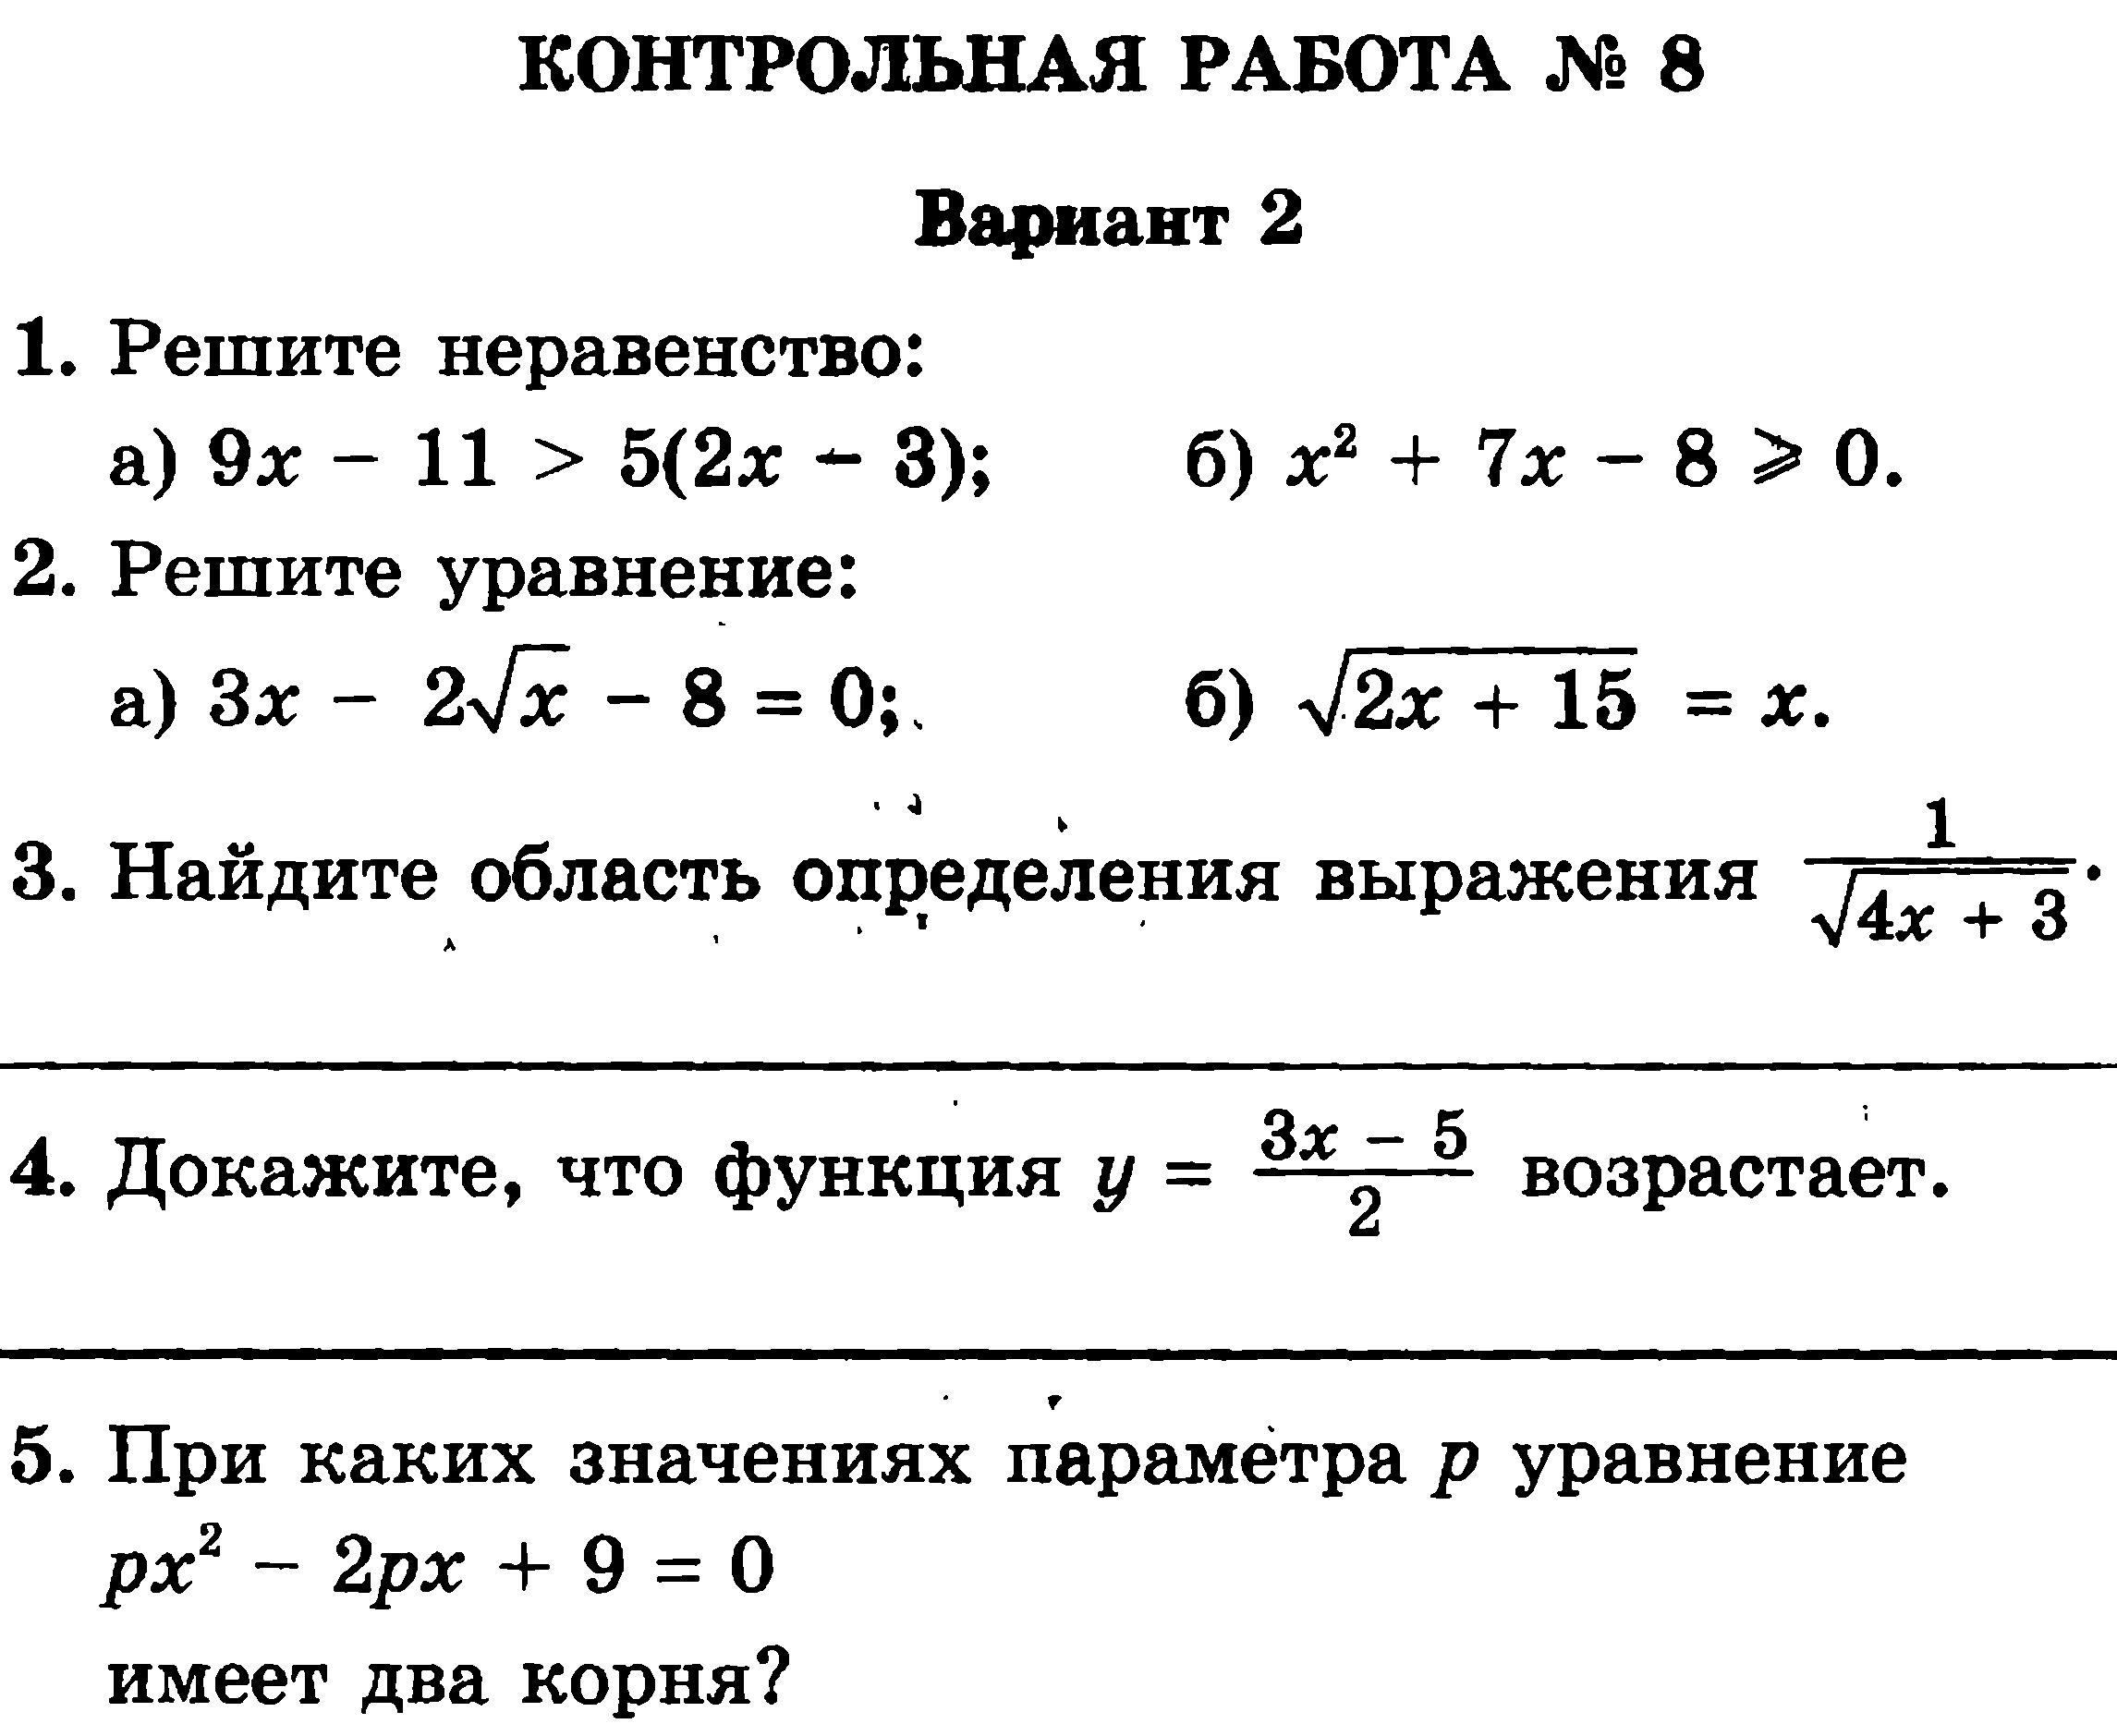 Справочники для повторения изученного с 5-8 классы по математике